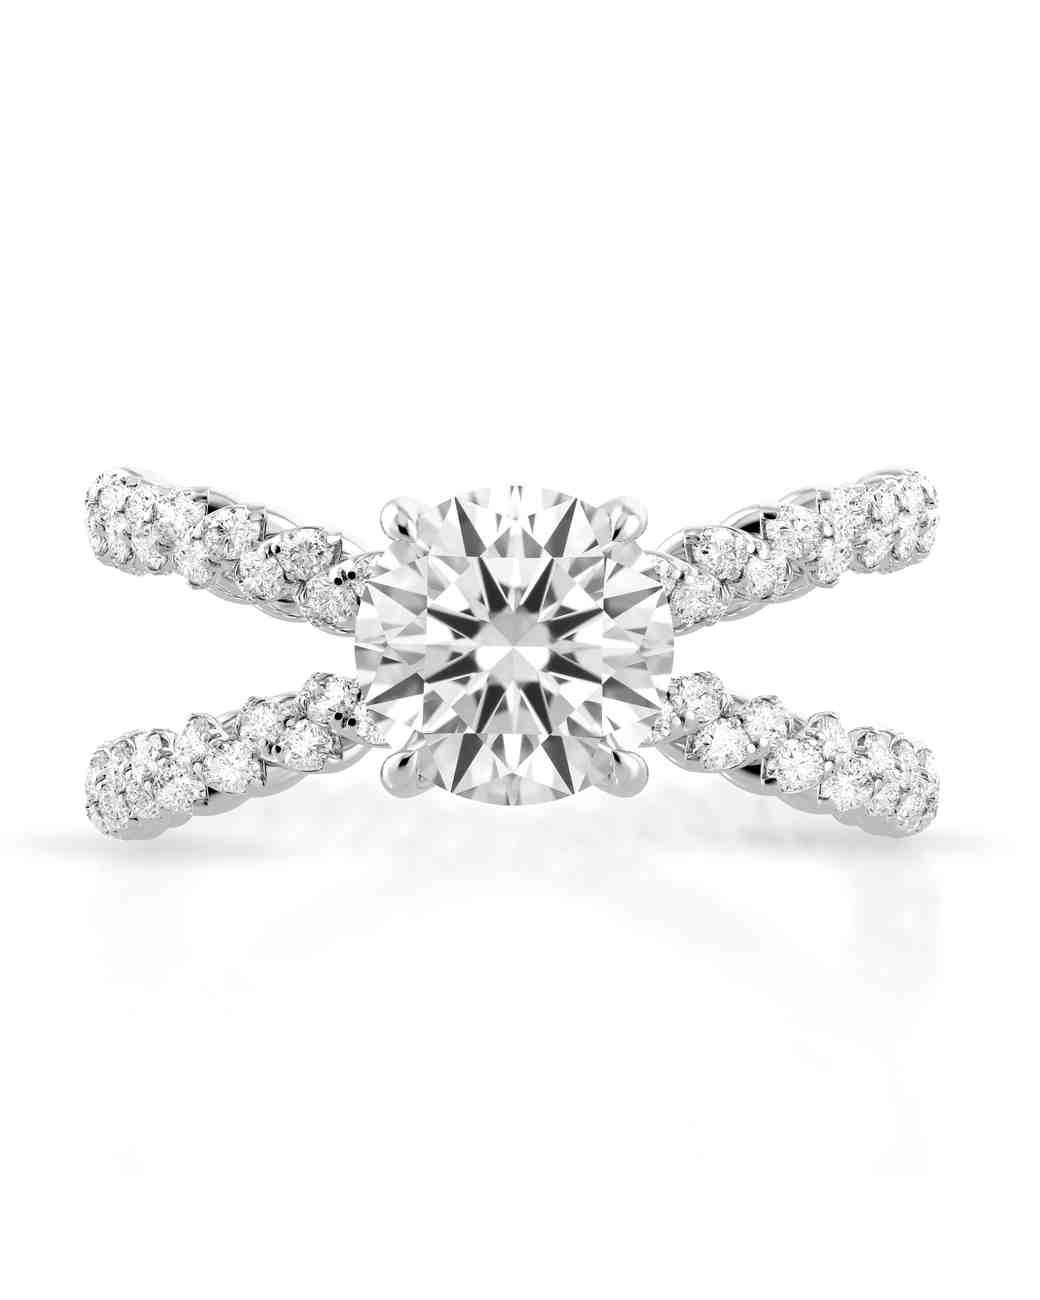 Danhov White Gold Engagement Ring